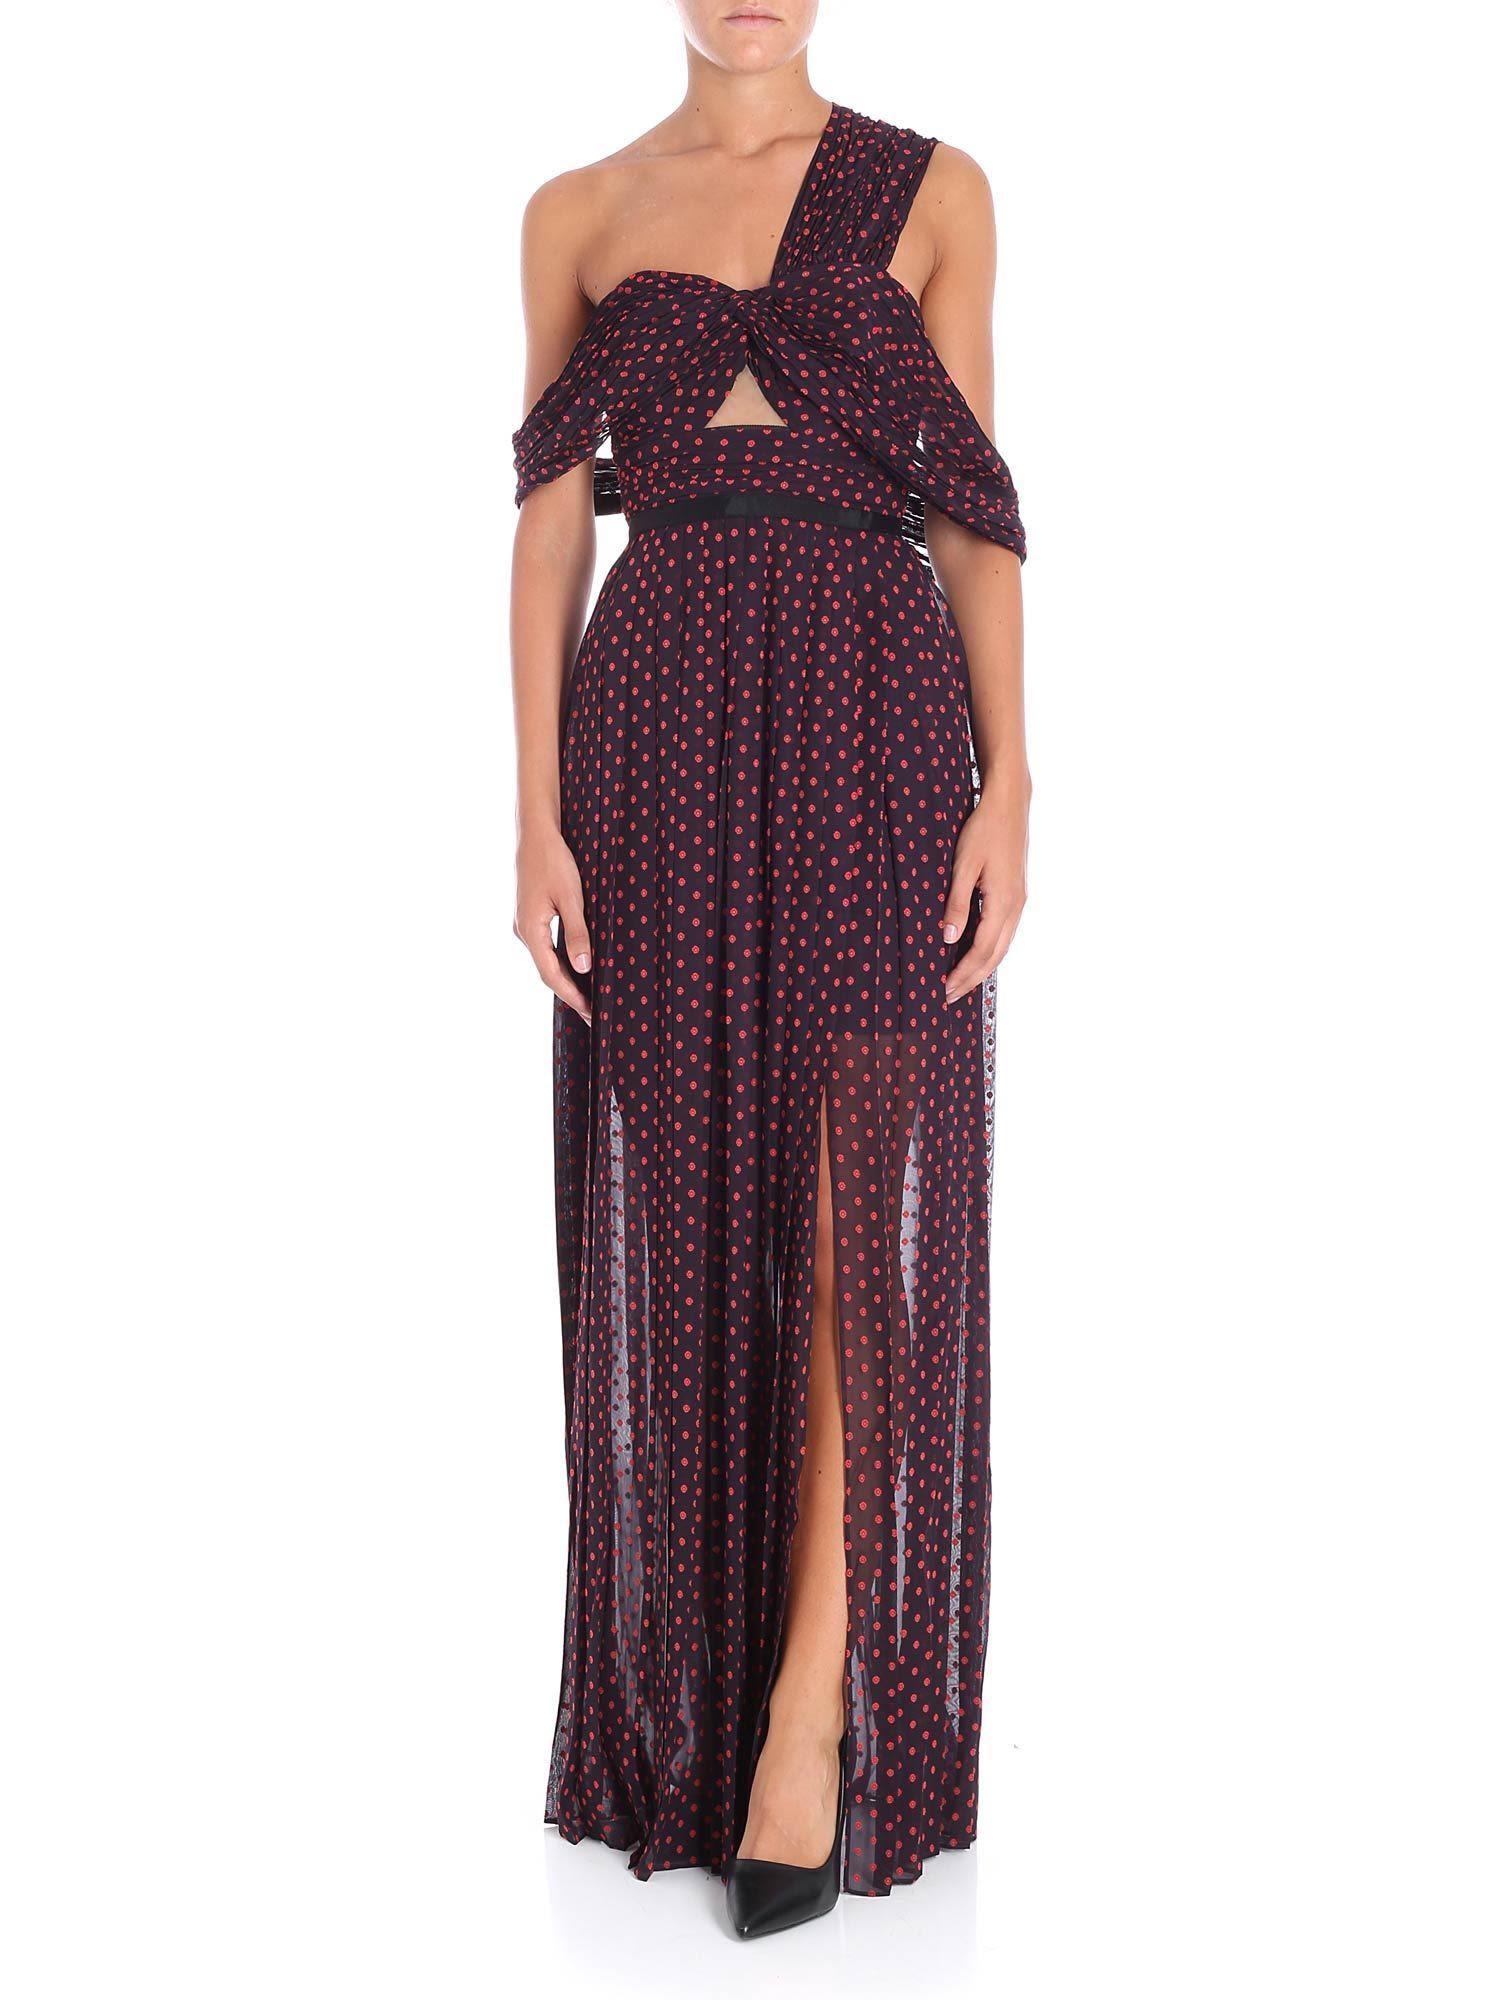 Self-portrait Asymmetric Polka-dot Dress